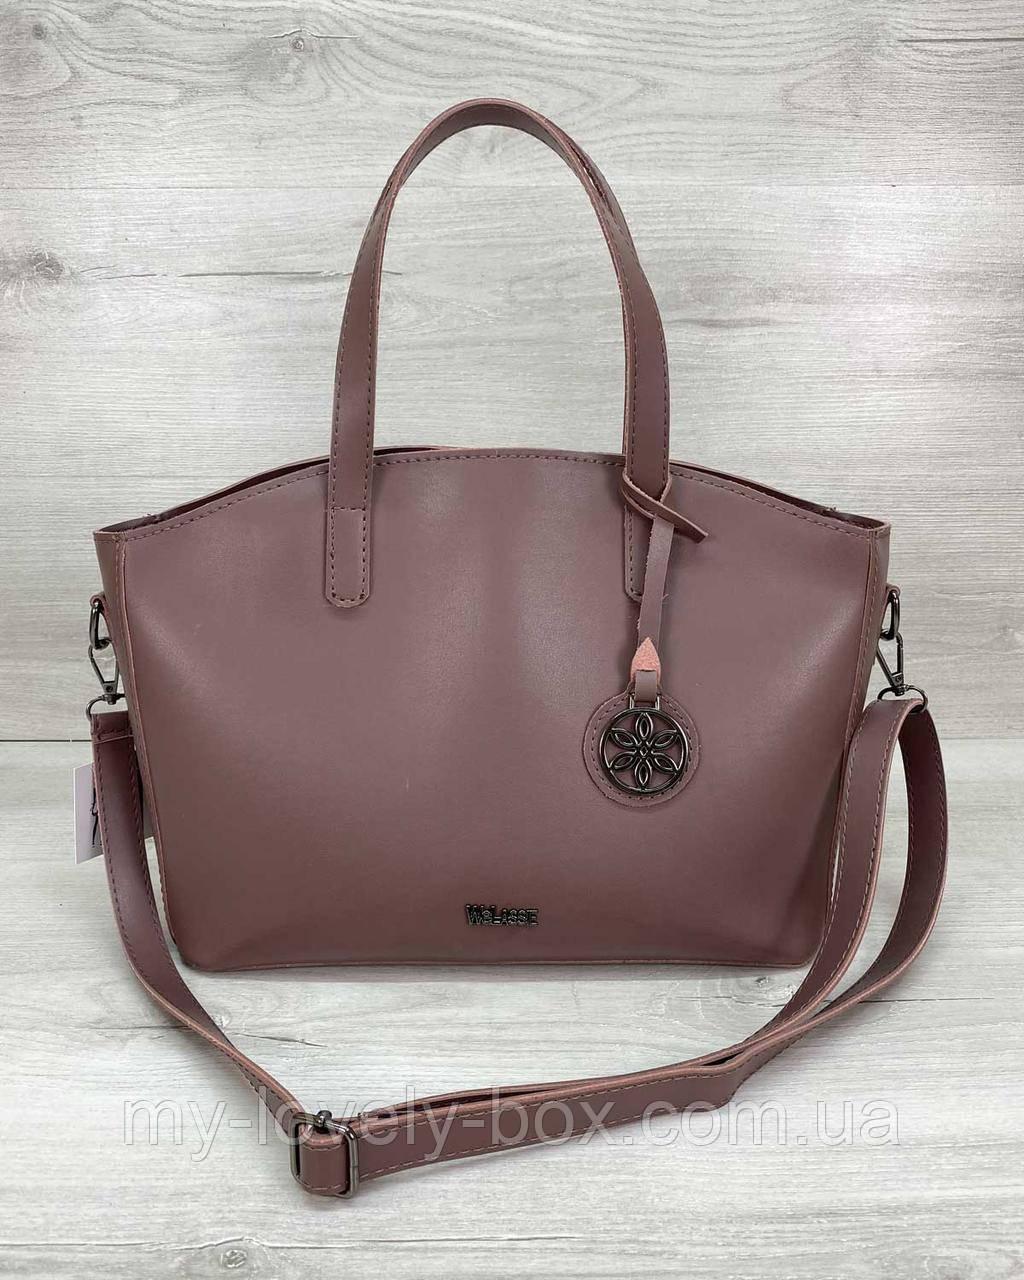 Жіноча сумка «Сью» лілова